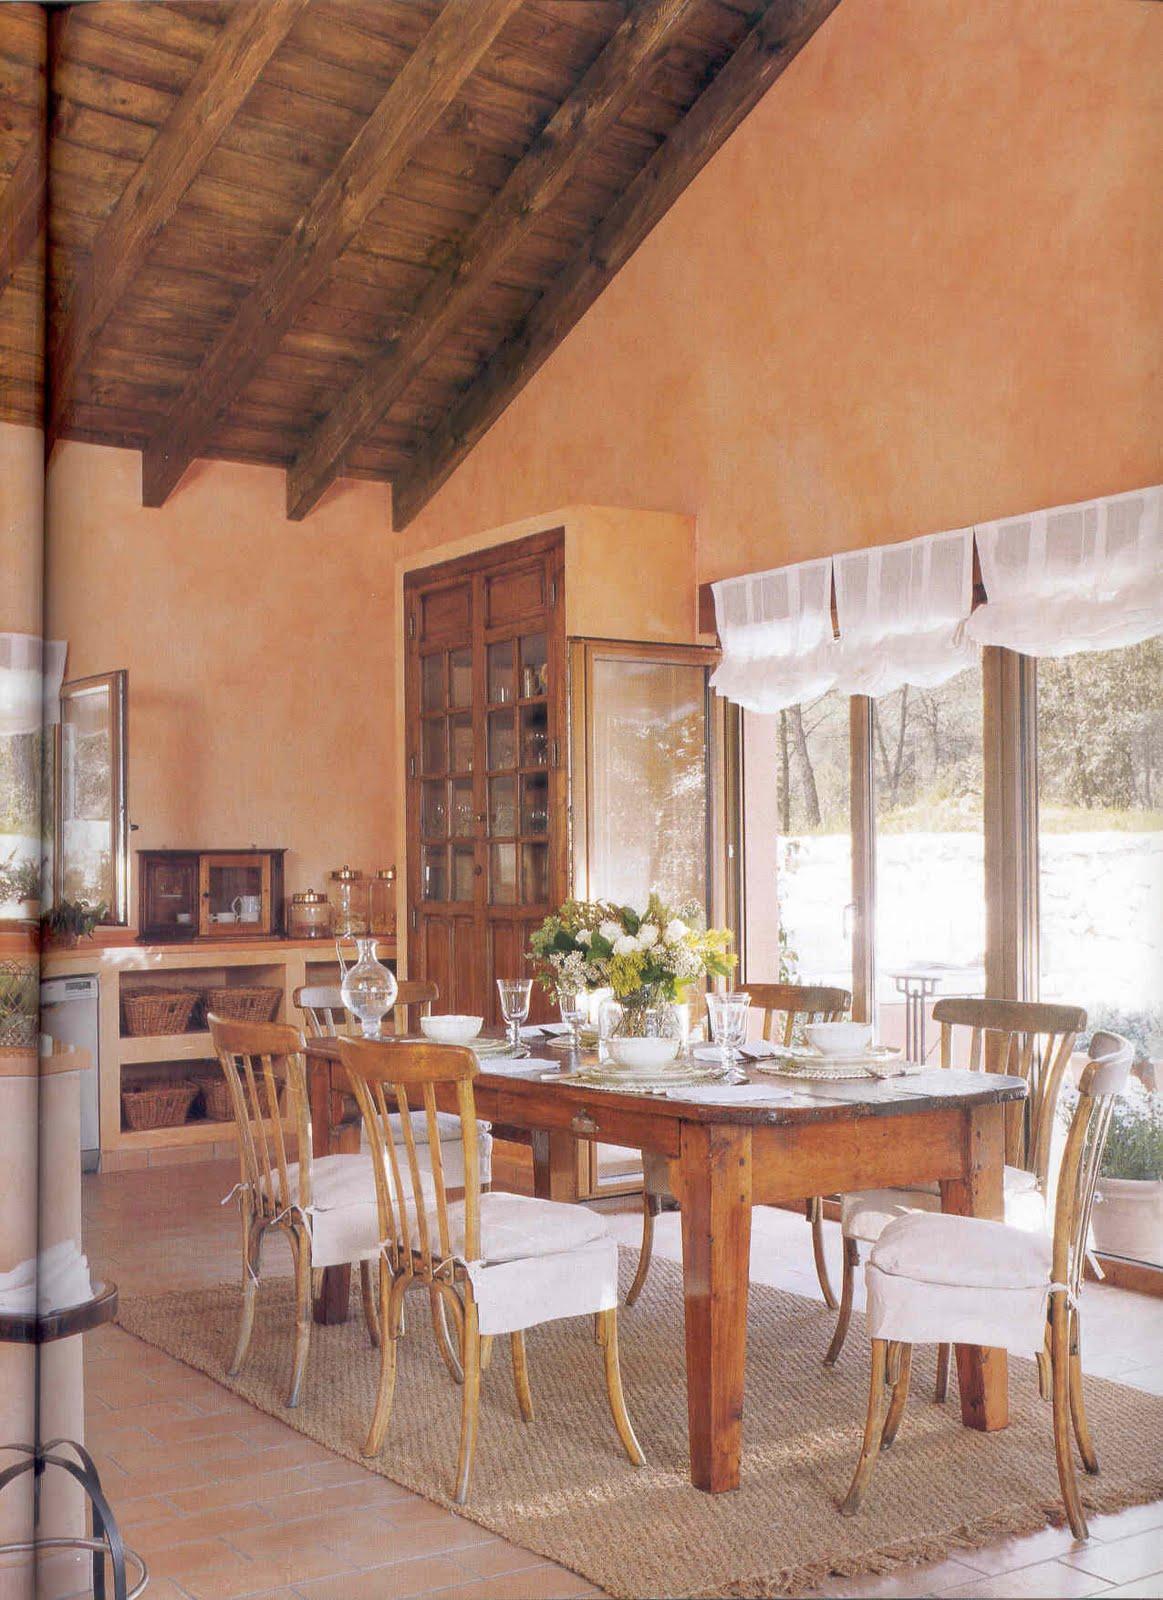 Revista el mueble casas de campo trendy best anuncios for Muebles para casa de campo